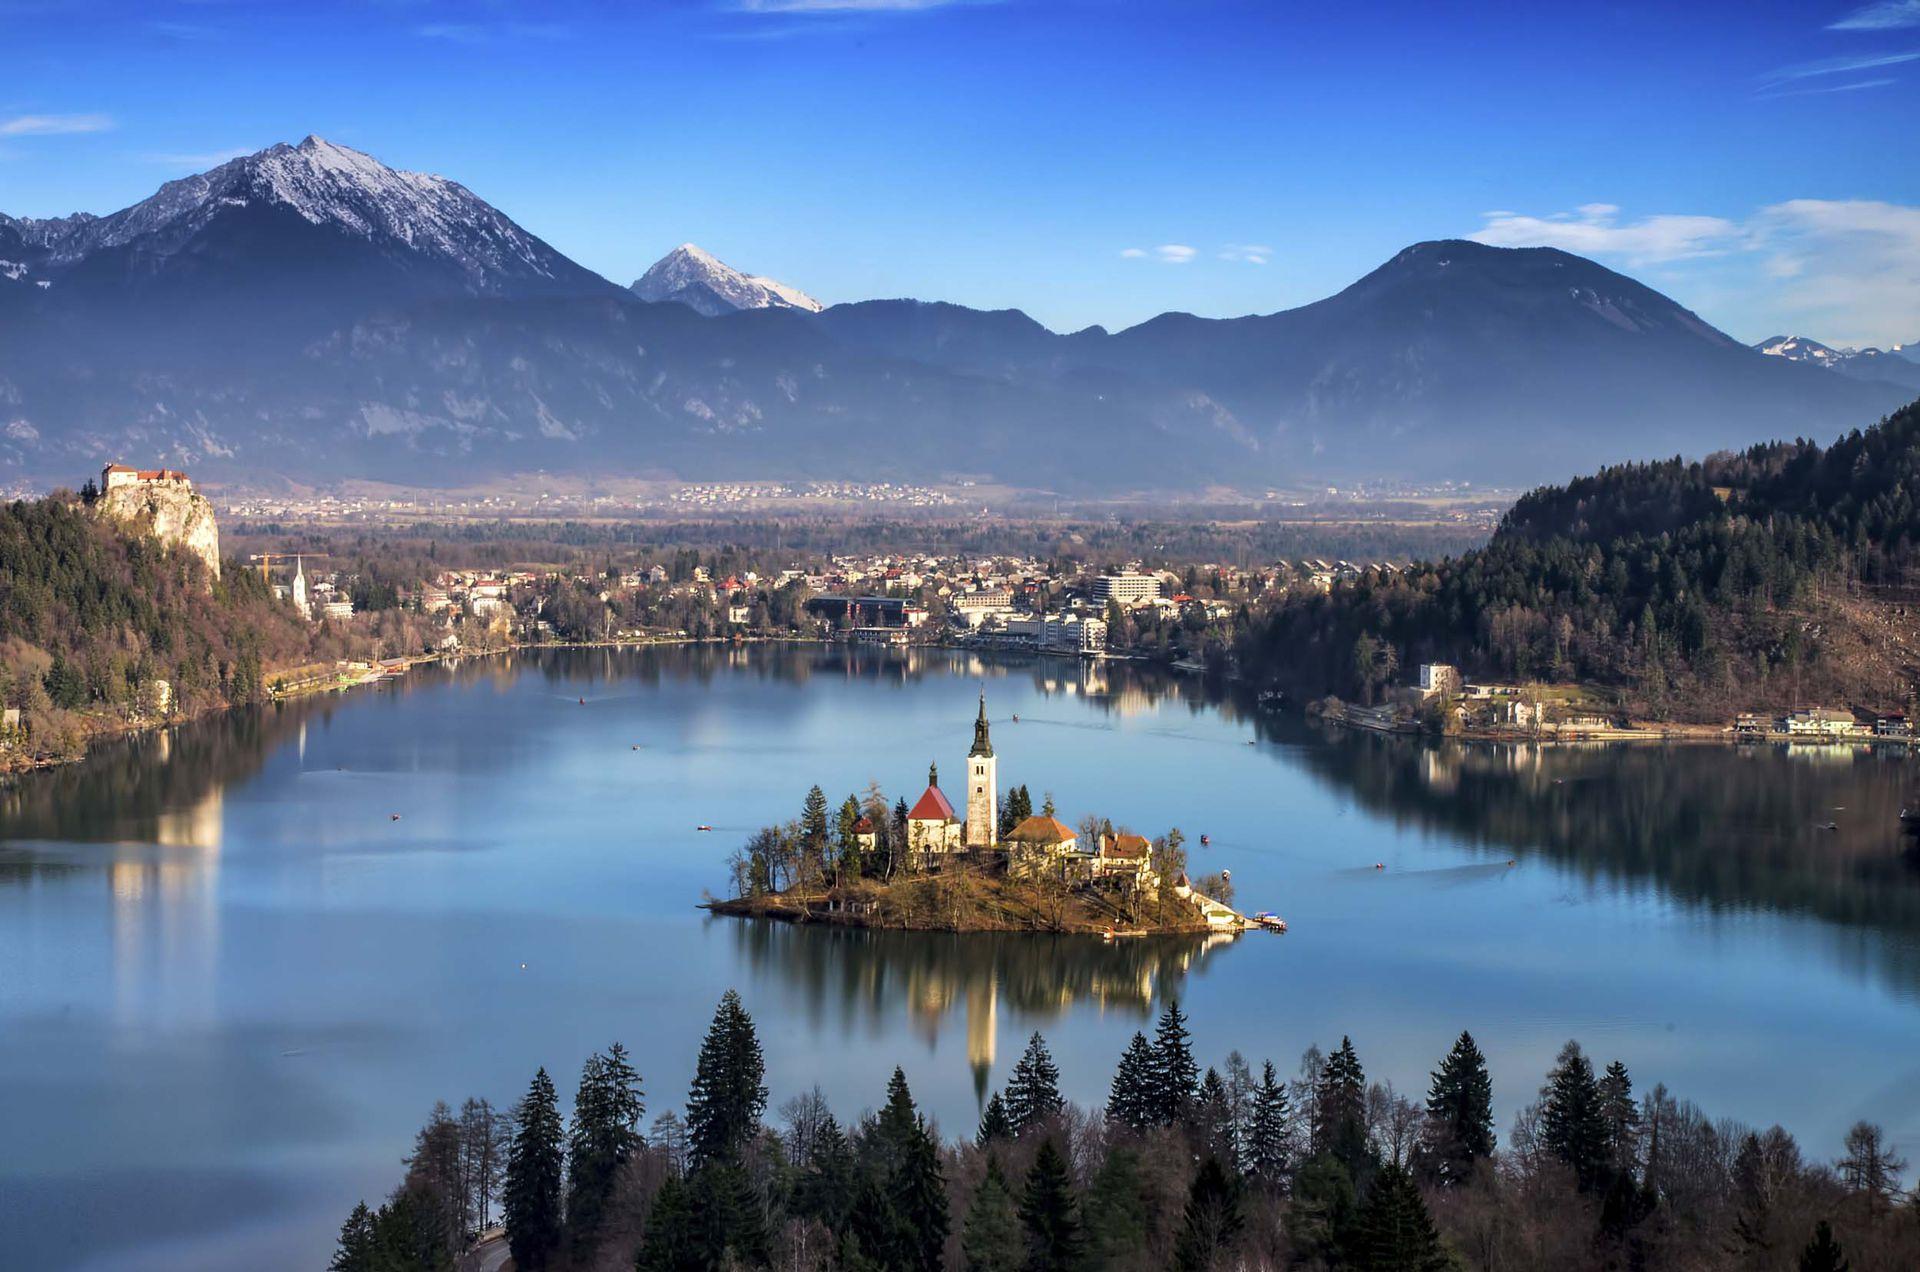 分布于世界各地那些美丽的小镇,每一个都有自己的特色,每一个都让人称奇。斯洛文尼亚的布莱德镇,位于澄澈的布莱德湖的湖心之上,这座童话小镇就这么独自伫立着,只有坐着小船才能到达,仿佛真的与世隔绝。(视觉中国)